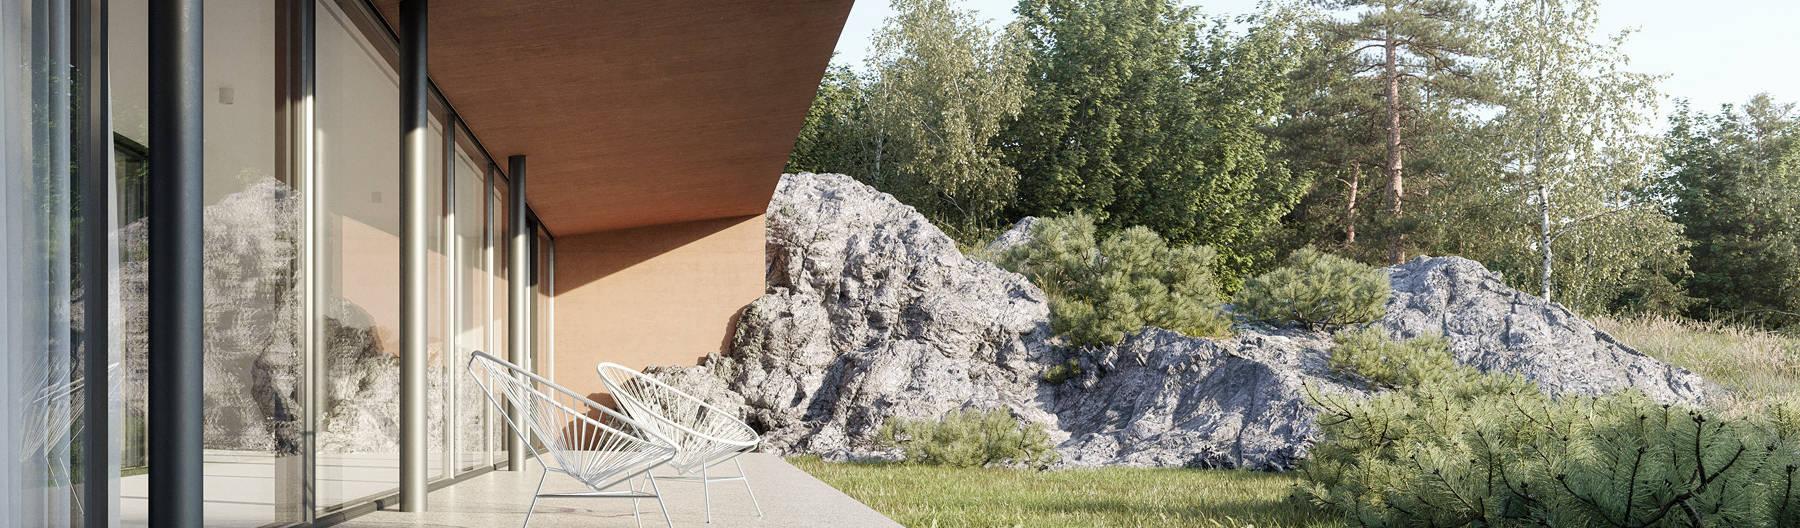 Artur Adamczyk – Wizualizacje architektoniczne